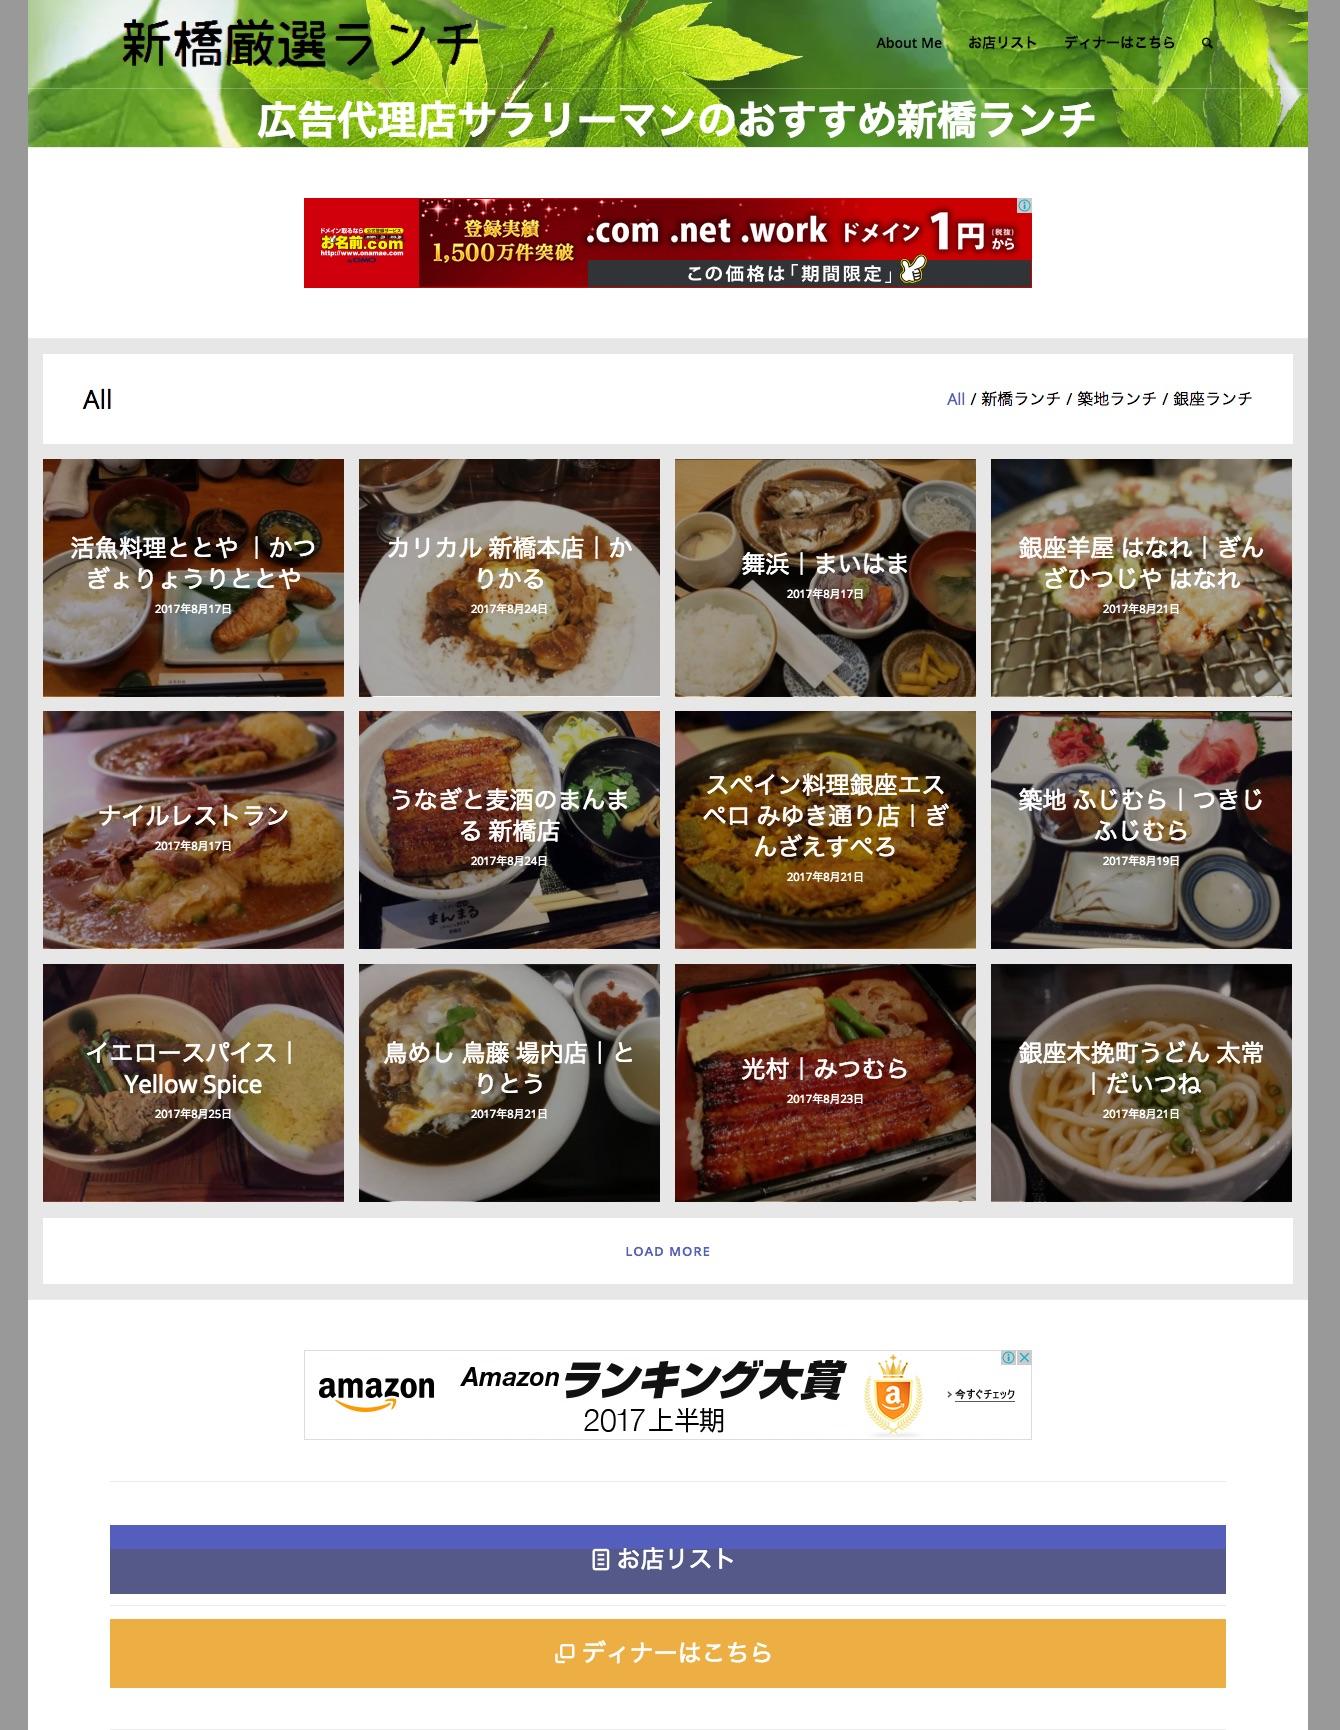 「新橋厳選ランチ」サイトがオープン!